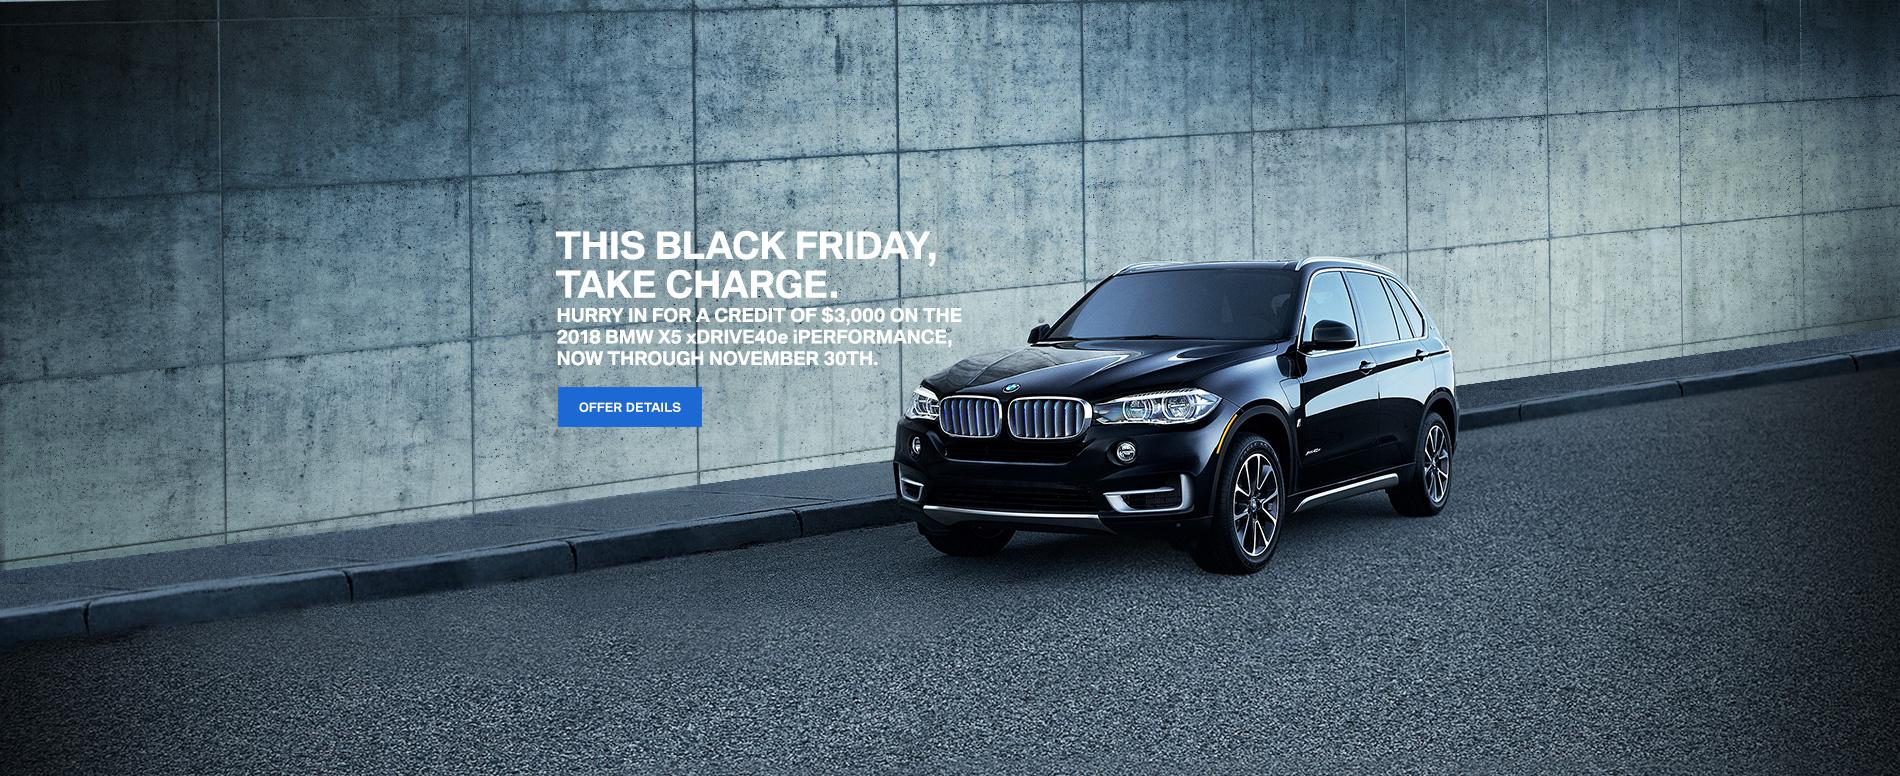 BMW Black Friday